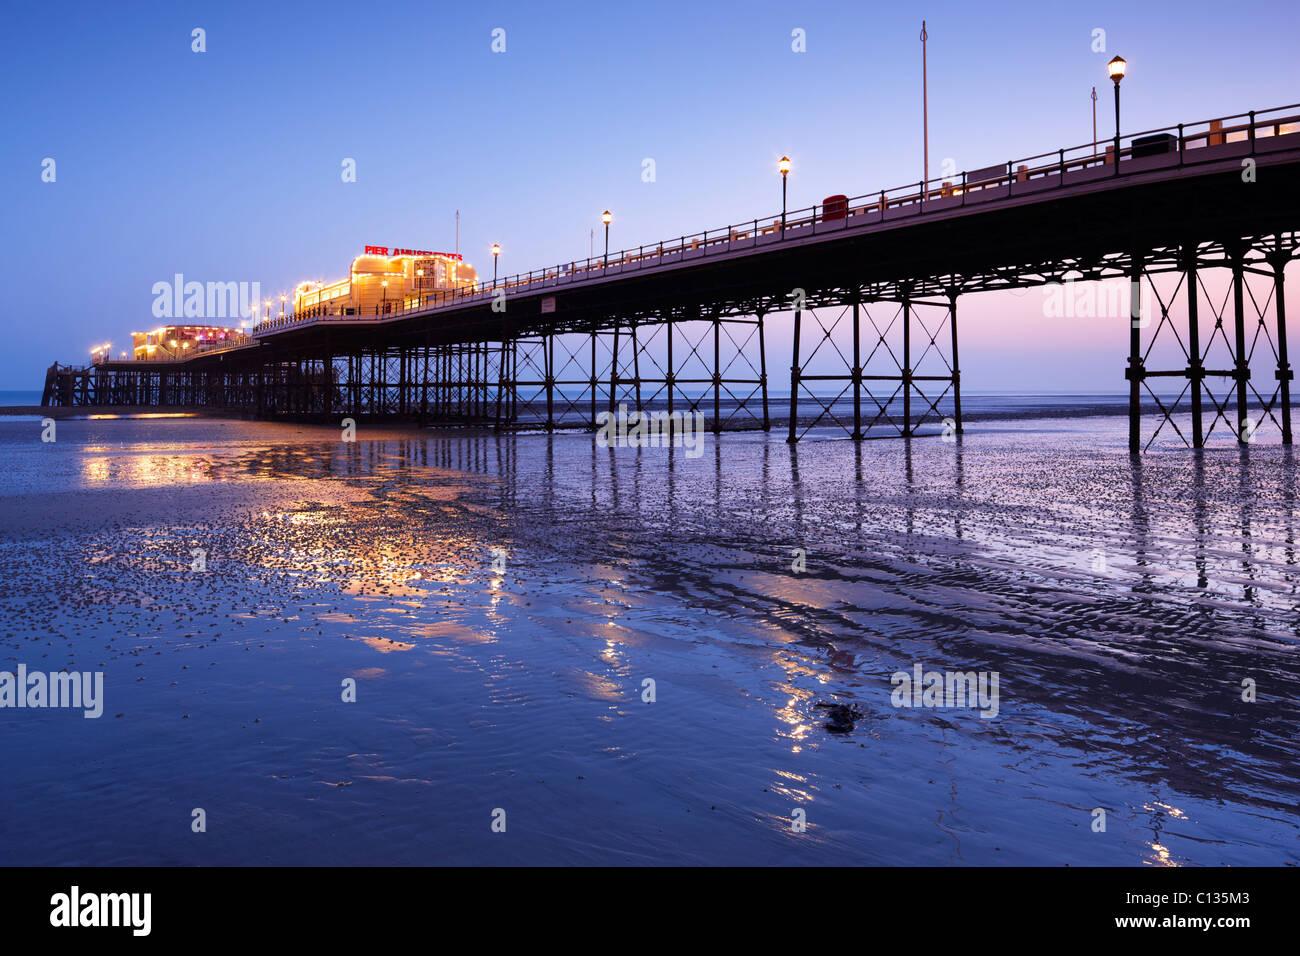 Worthing Pier illuminated at dusk - Stock Image